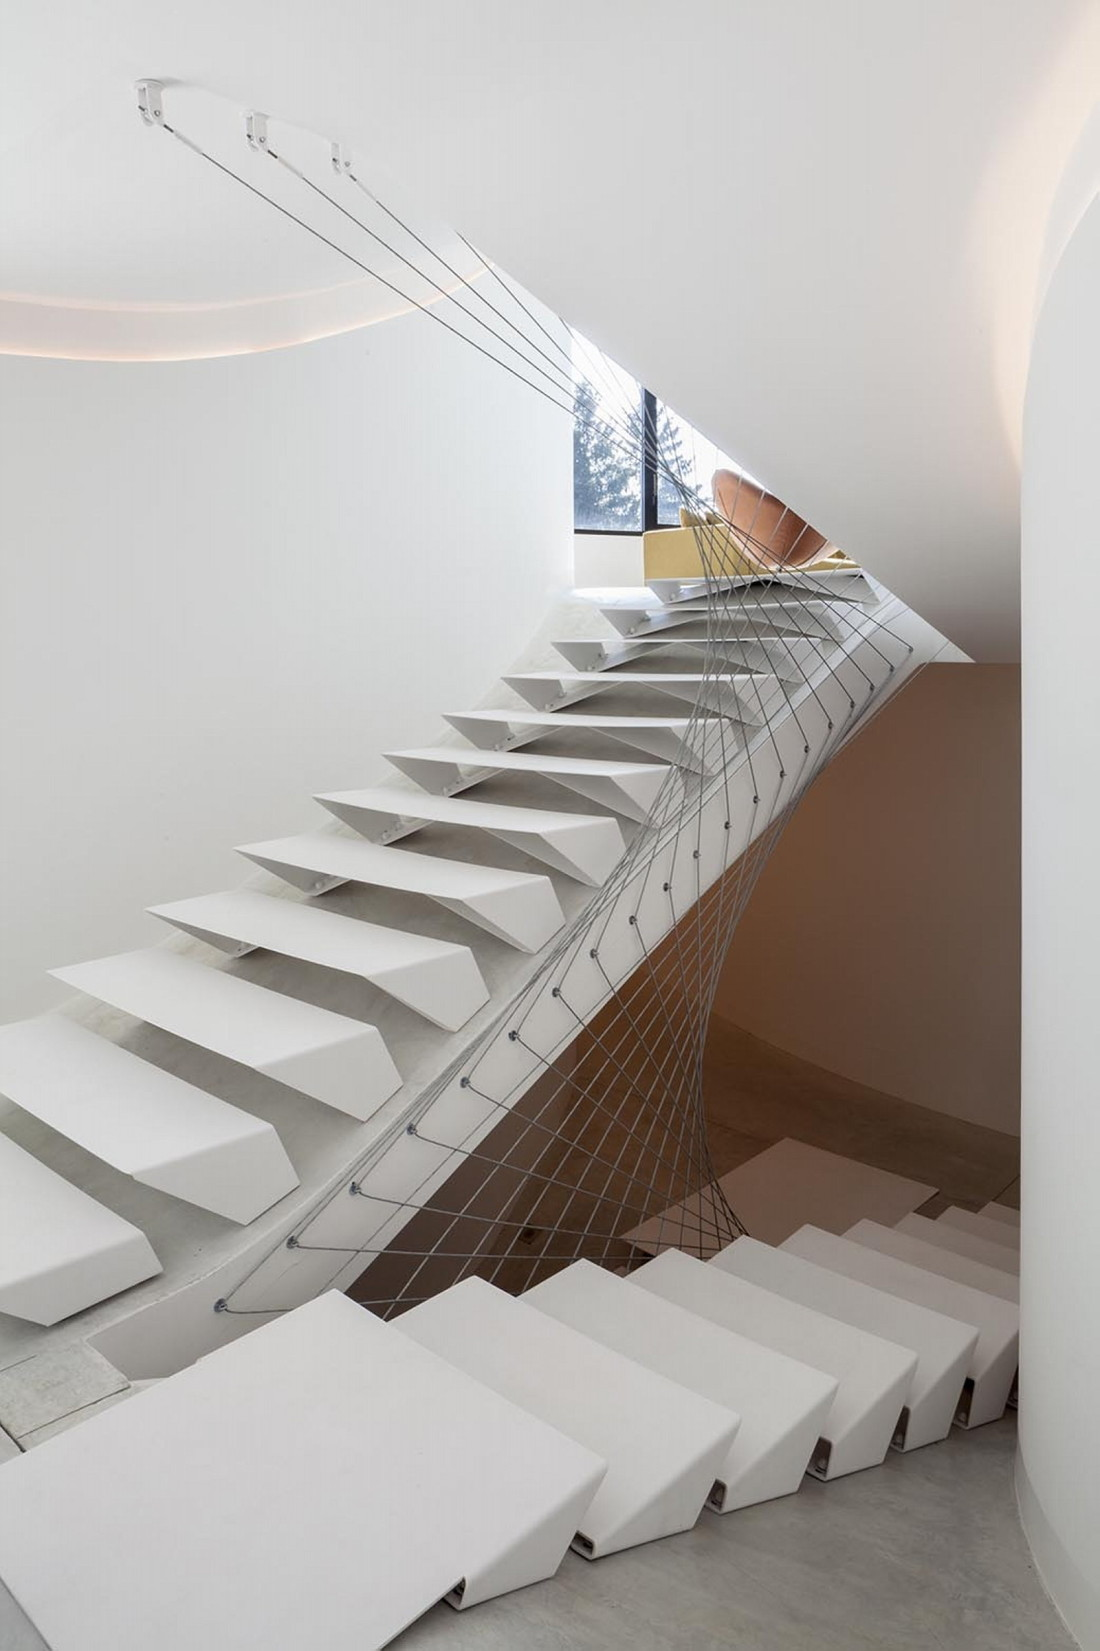 Футуристический дизайн виллы MQ в Бельгии от архитектурной студии Office O 11